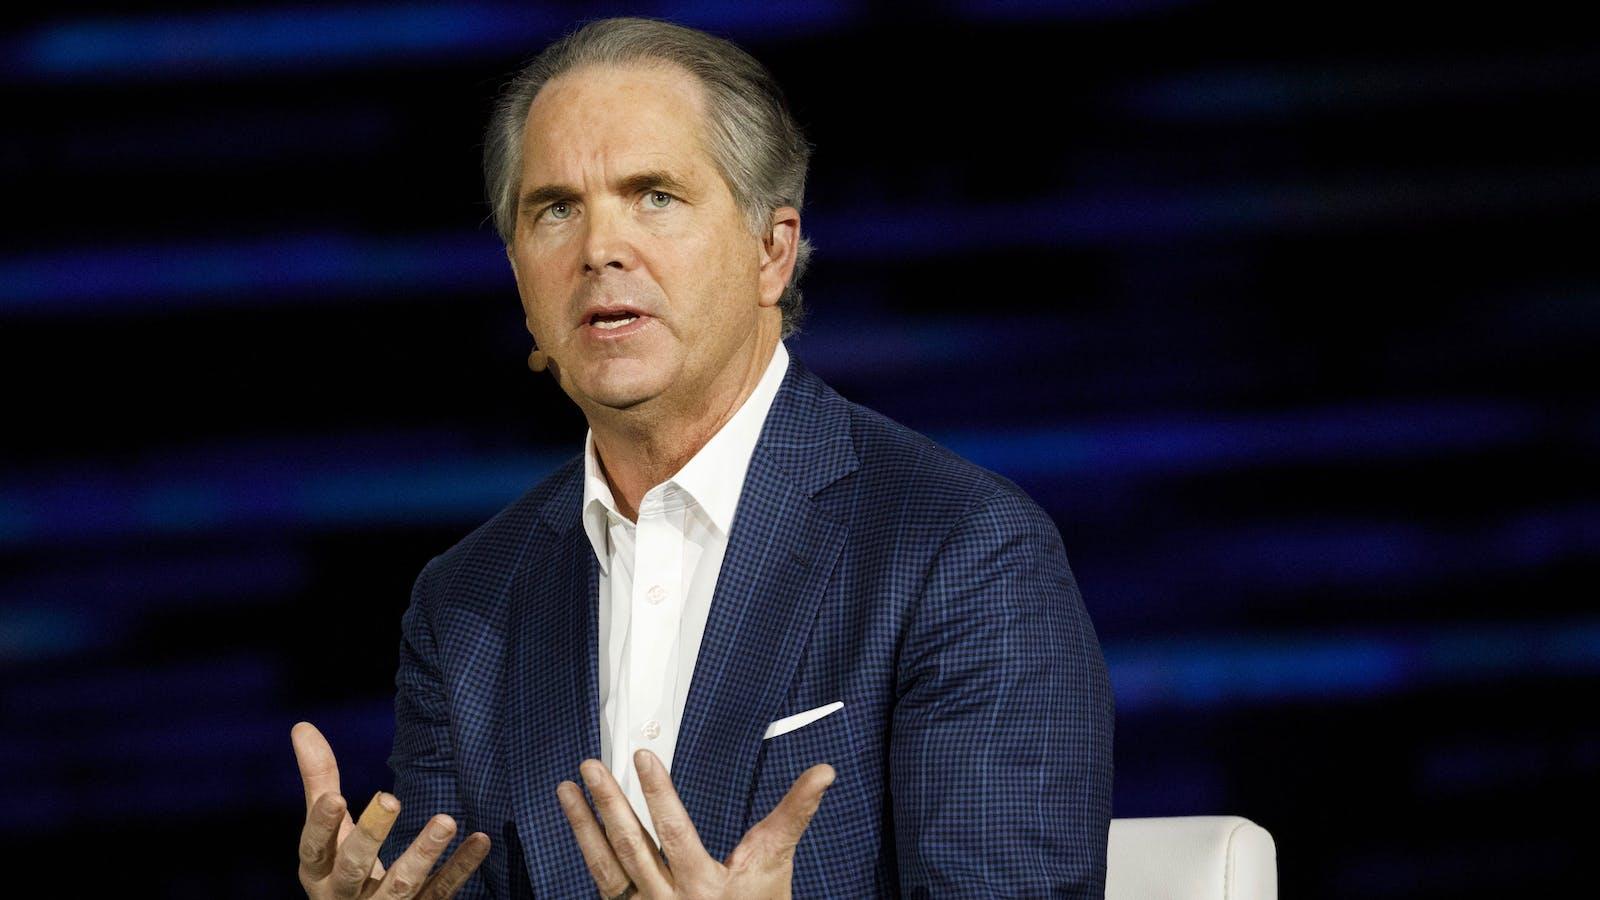 Hulu CEO Randy Freer. Photo by Bloomberg